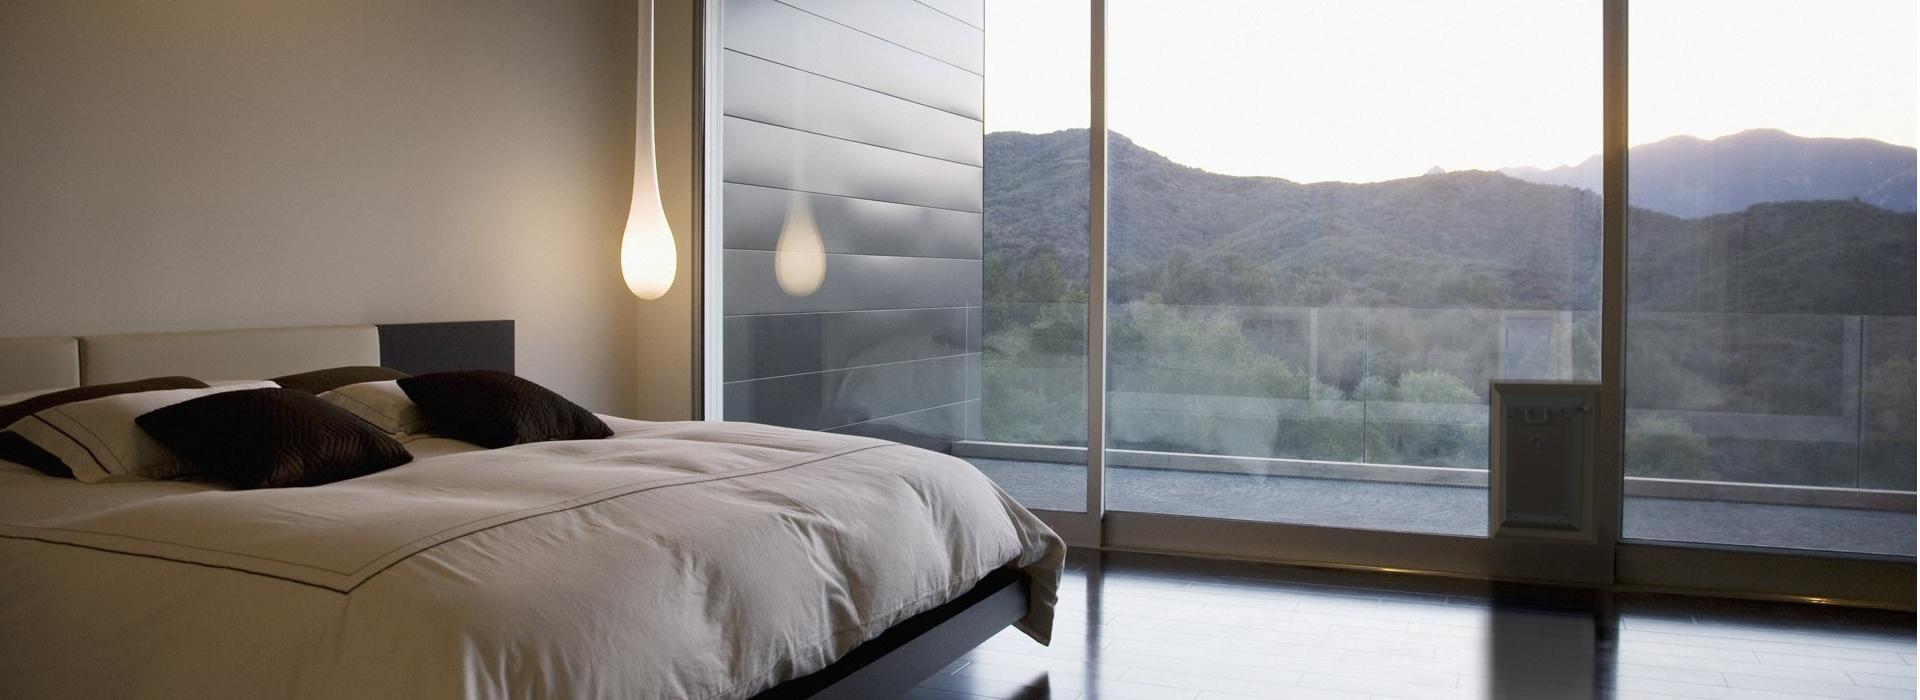 bedroompro-in-glass-1920x700slide.jpg